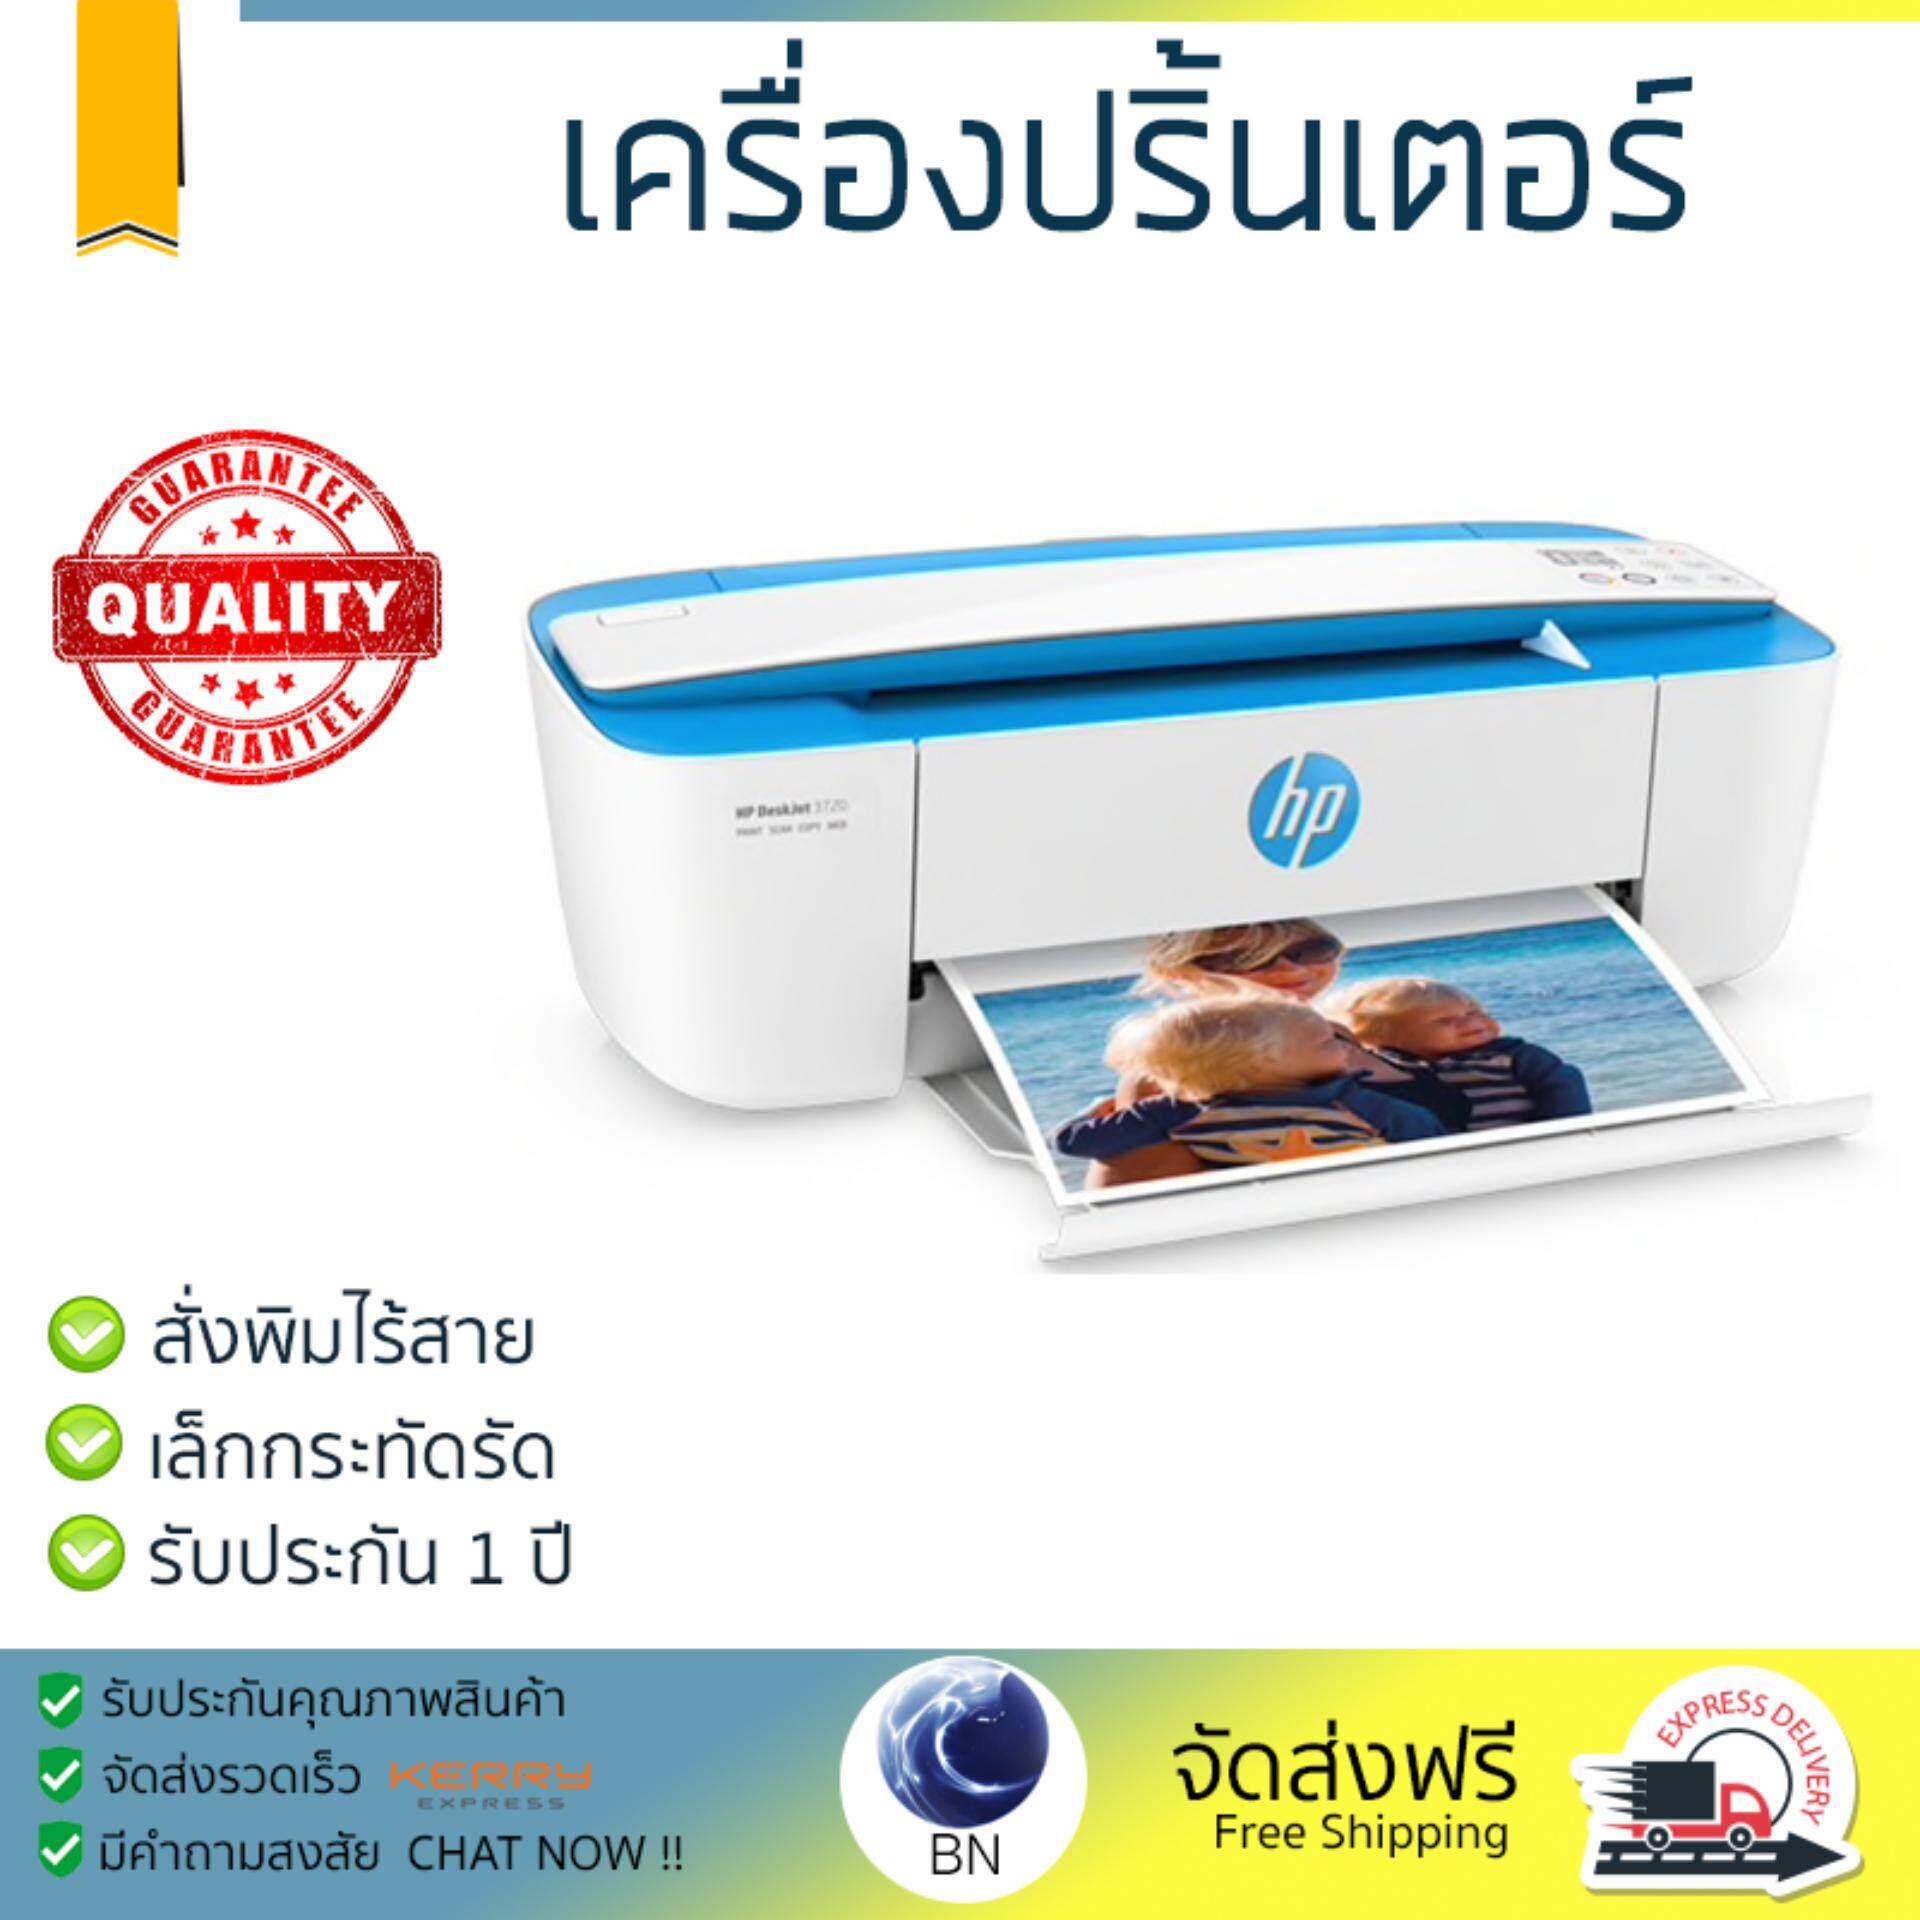 ลดสุดๆ โปรโมชัน เครื่องพิมพ์           HP ปริ้นเตอร์ รุ่น DeskJet Ink Advantage 3775 All-in-One             ความละเอียดสูง คมชัด ประหยัดหมึก เครื่องปริ้น เครื่องปริ้นท์ All in one Printer รับประกันสิน